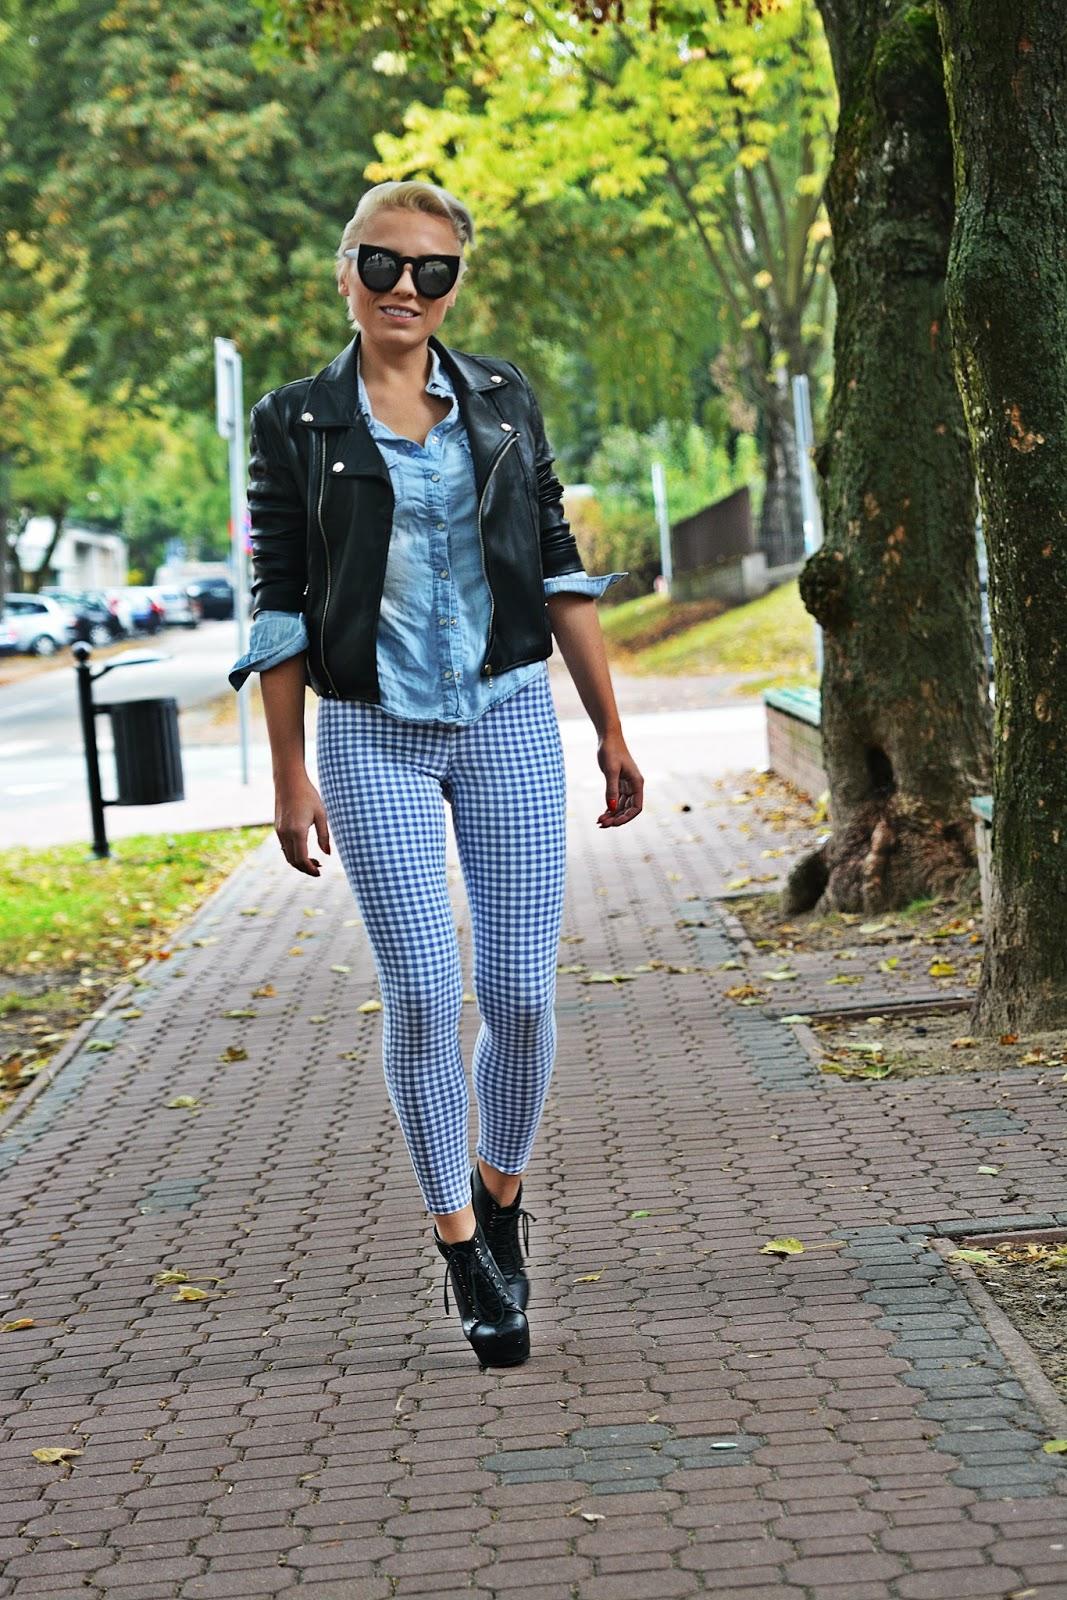 niebieskie_spodnie_ramoneska_czarna_kocie_okulary_1123